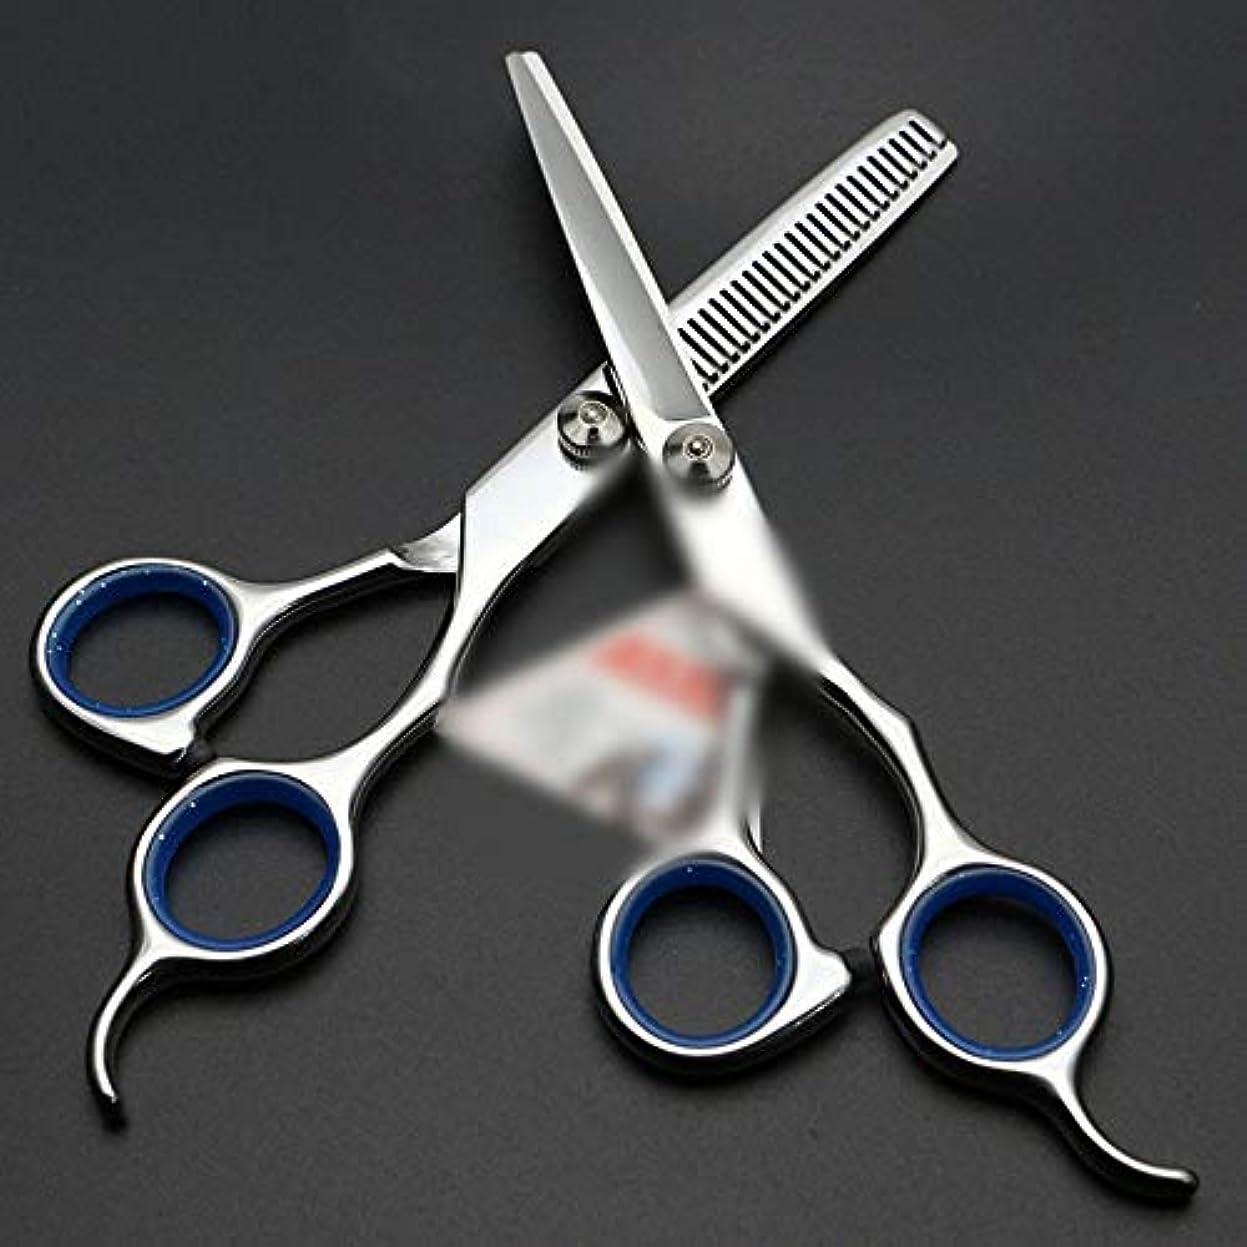 ポケットパス以下6インチ美容院プロフェッショナル理髪はさみセット ヘアケア (色 : 青)